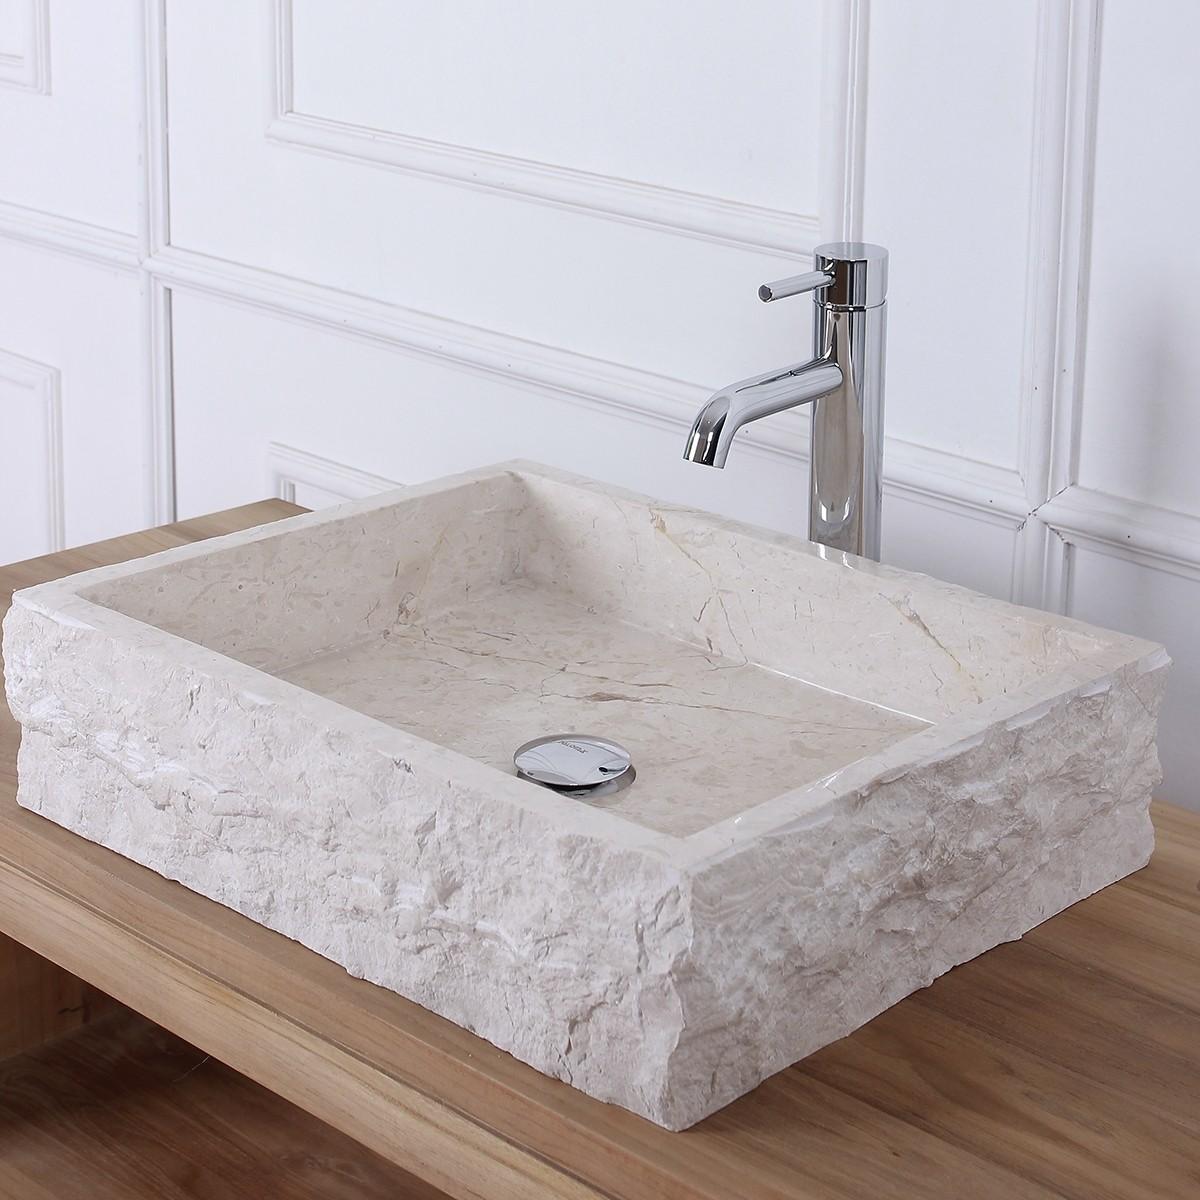 vasque rectangulaire en pierre de marbre blanc bois dessus bois dessous. Black Bedroom Furniture Sets. Home Design Ideas